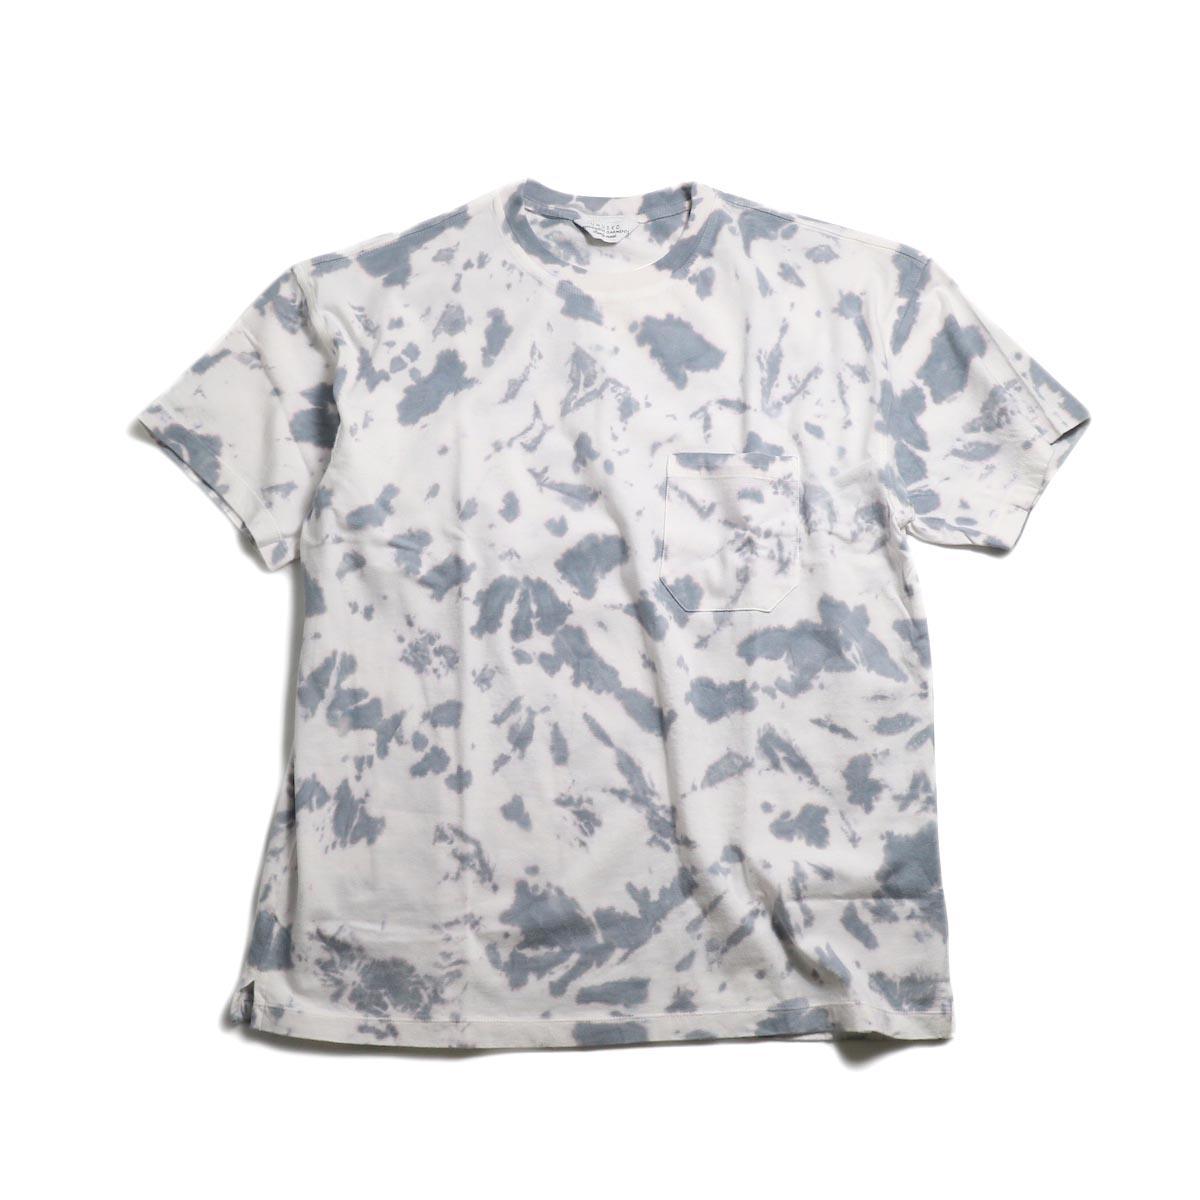 UNUSED / US1625 Tie Dye Tee -White